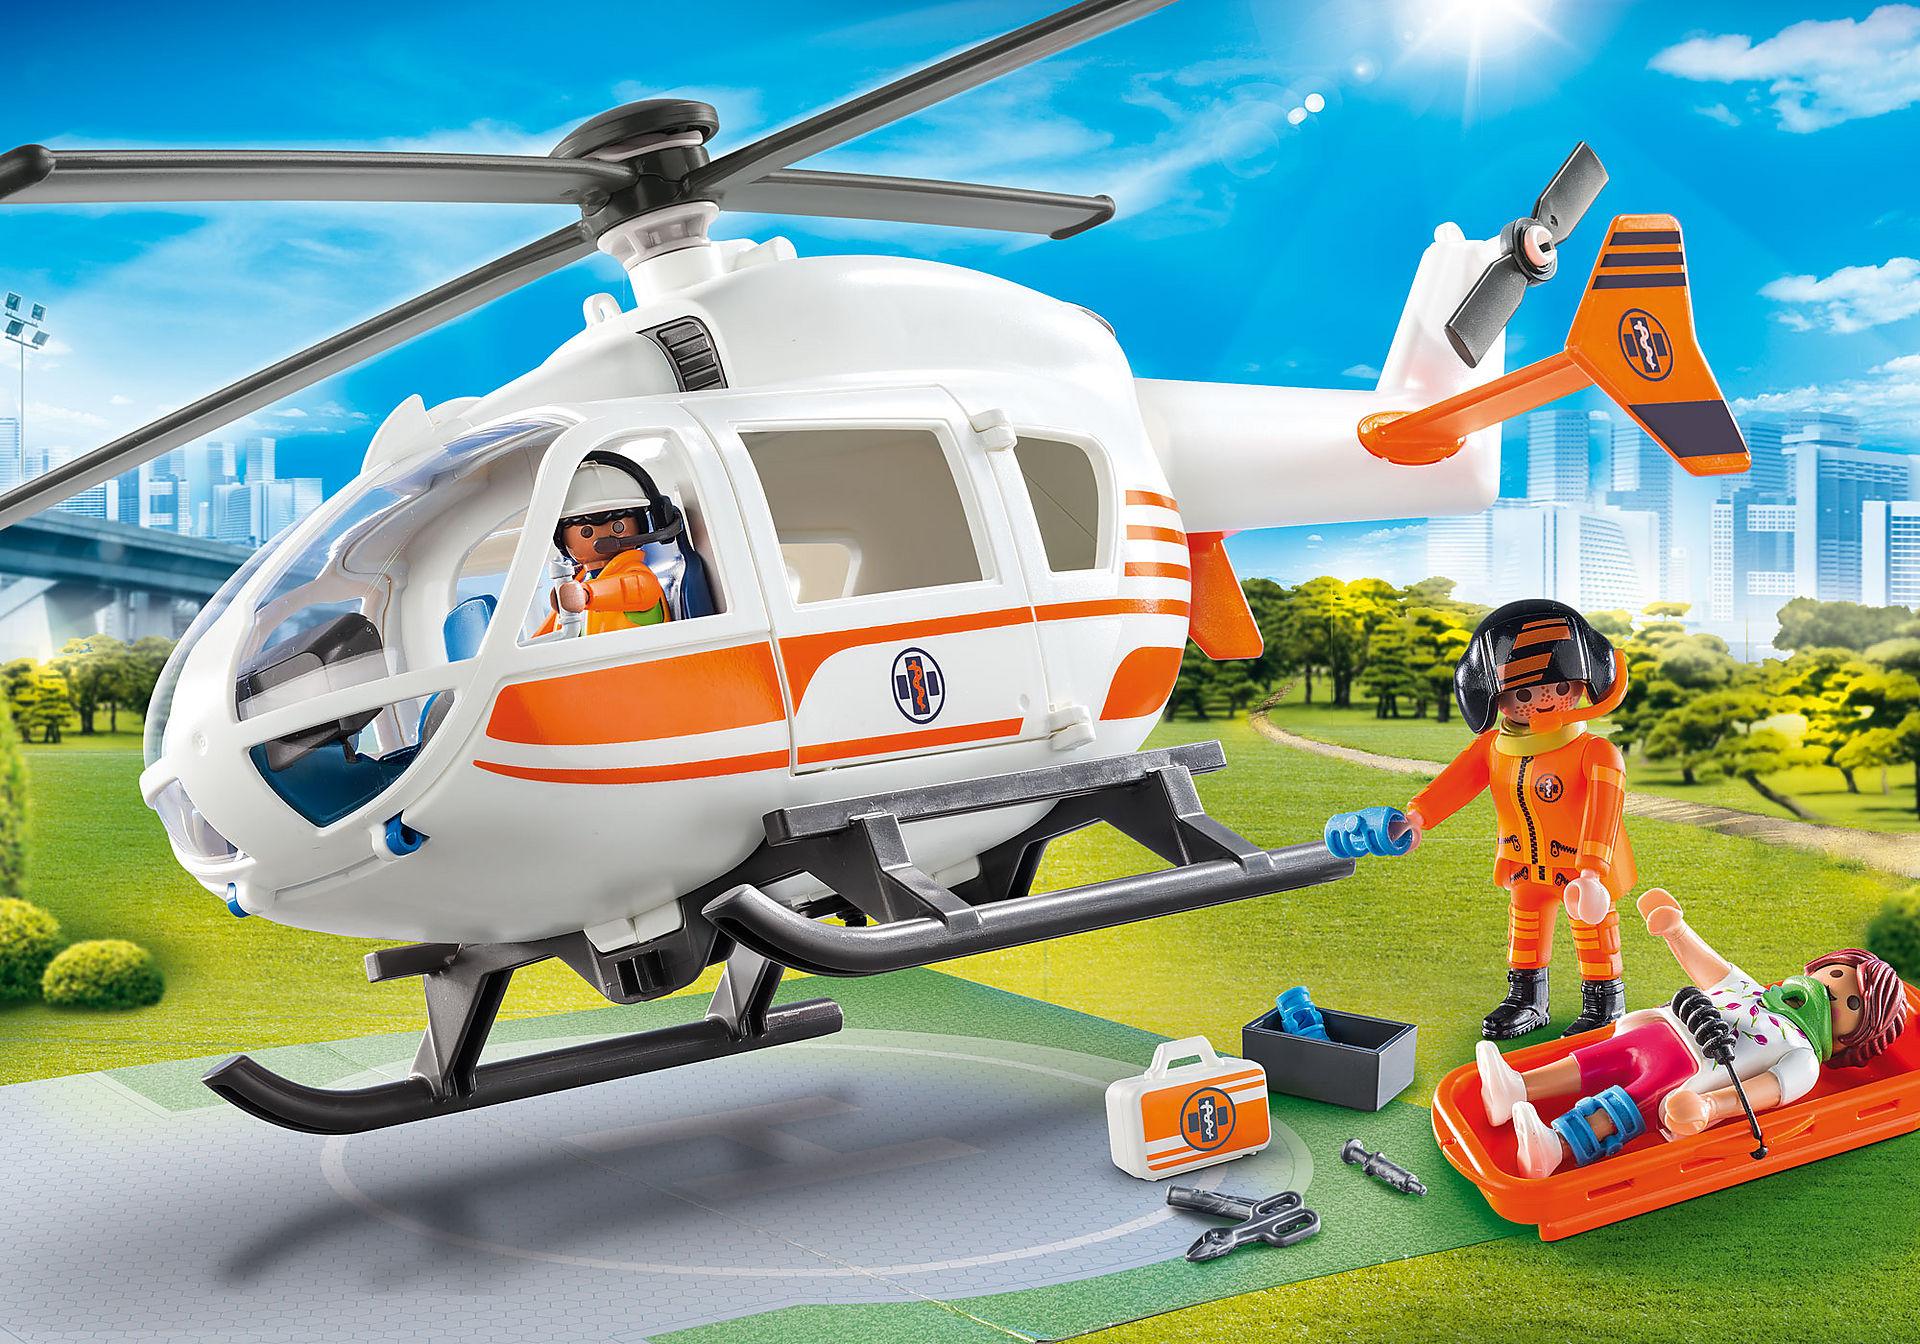 70048 Helicóptero de Rescate zoom image1